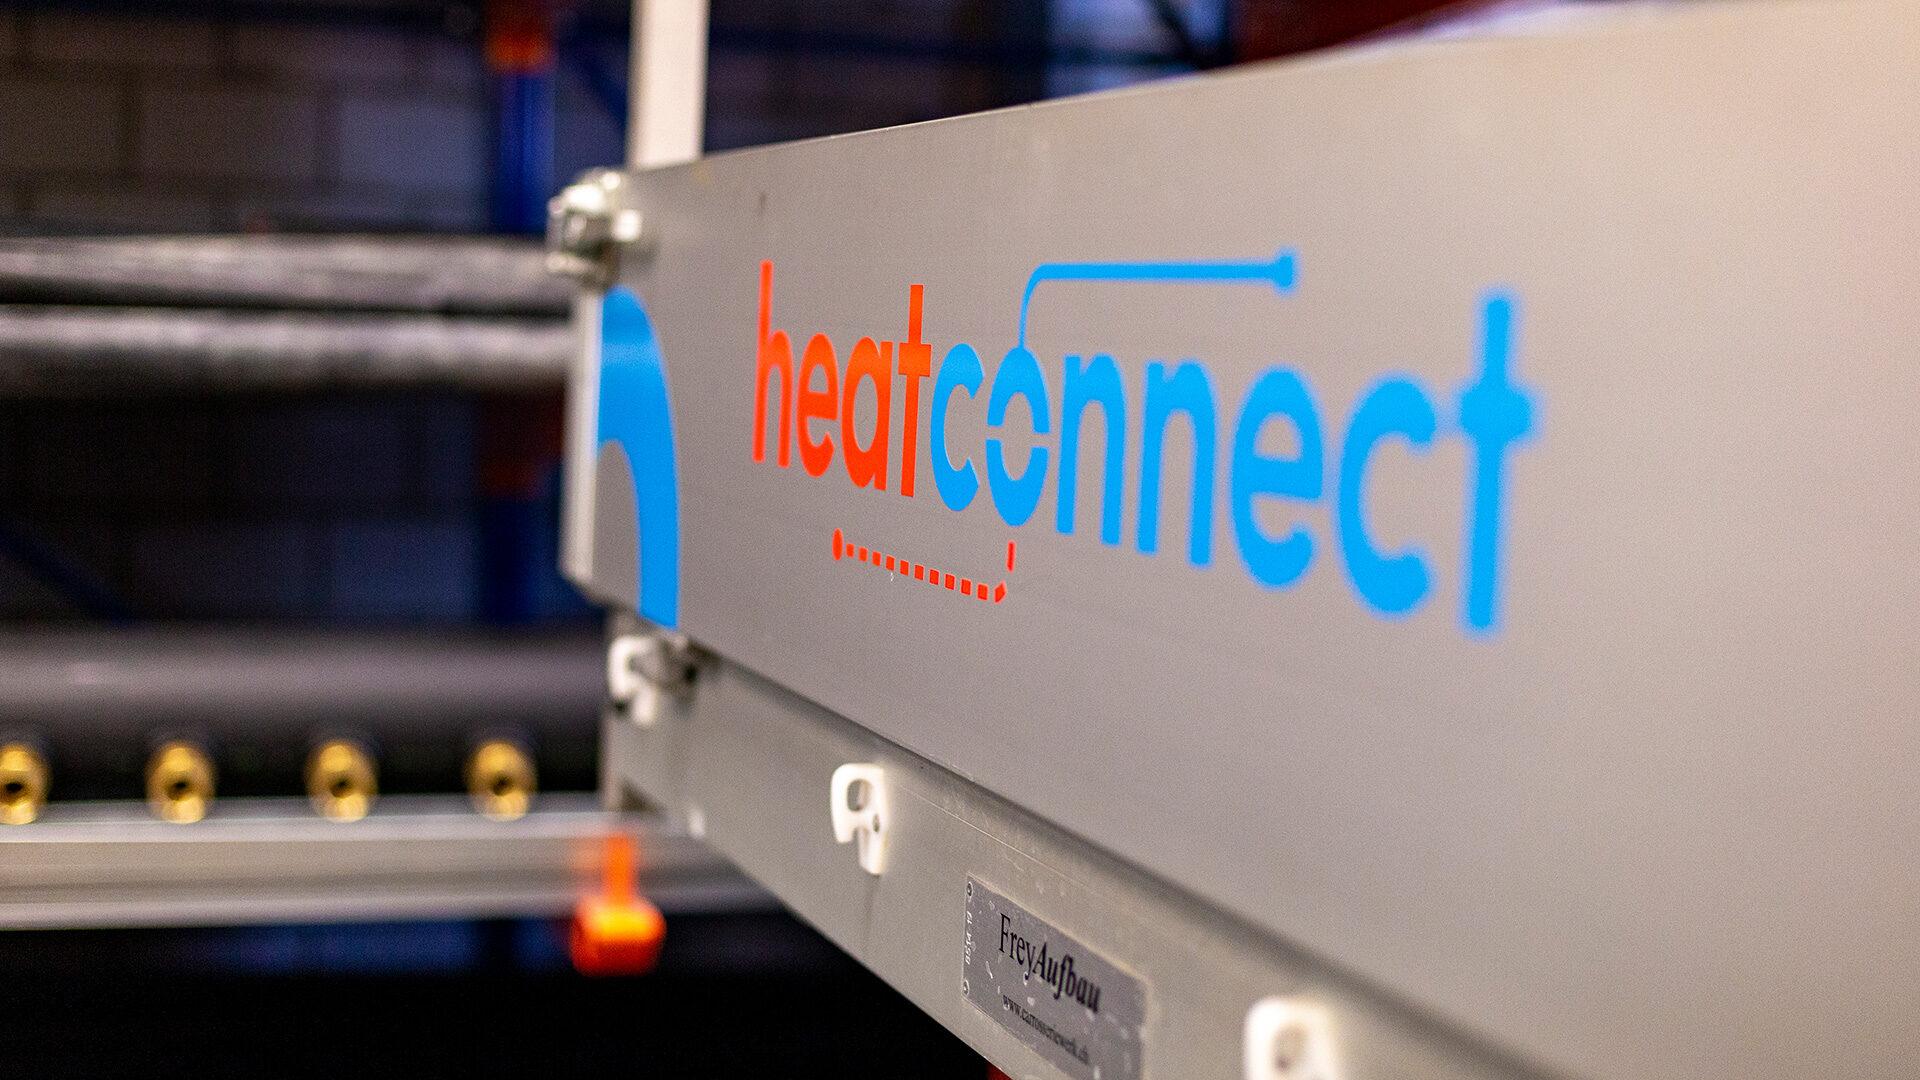 heatconnect